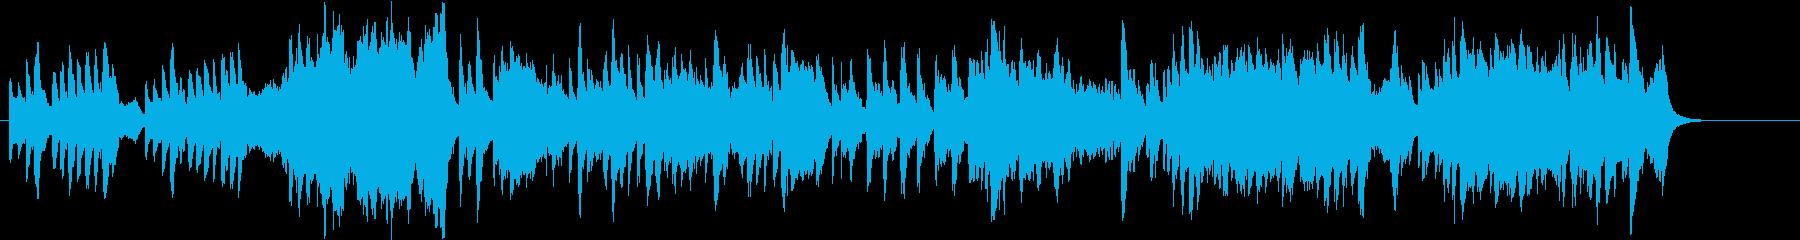 ゆったりと壮大な、琴が中心の和風曲の再生済みの波形